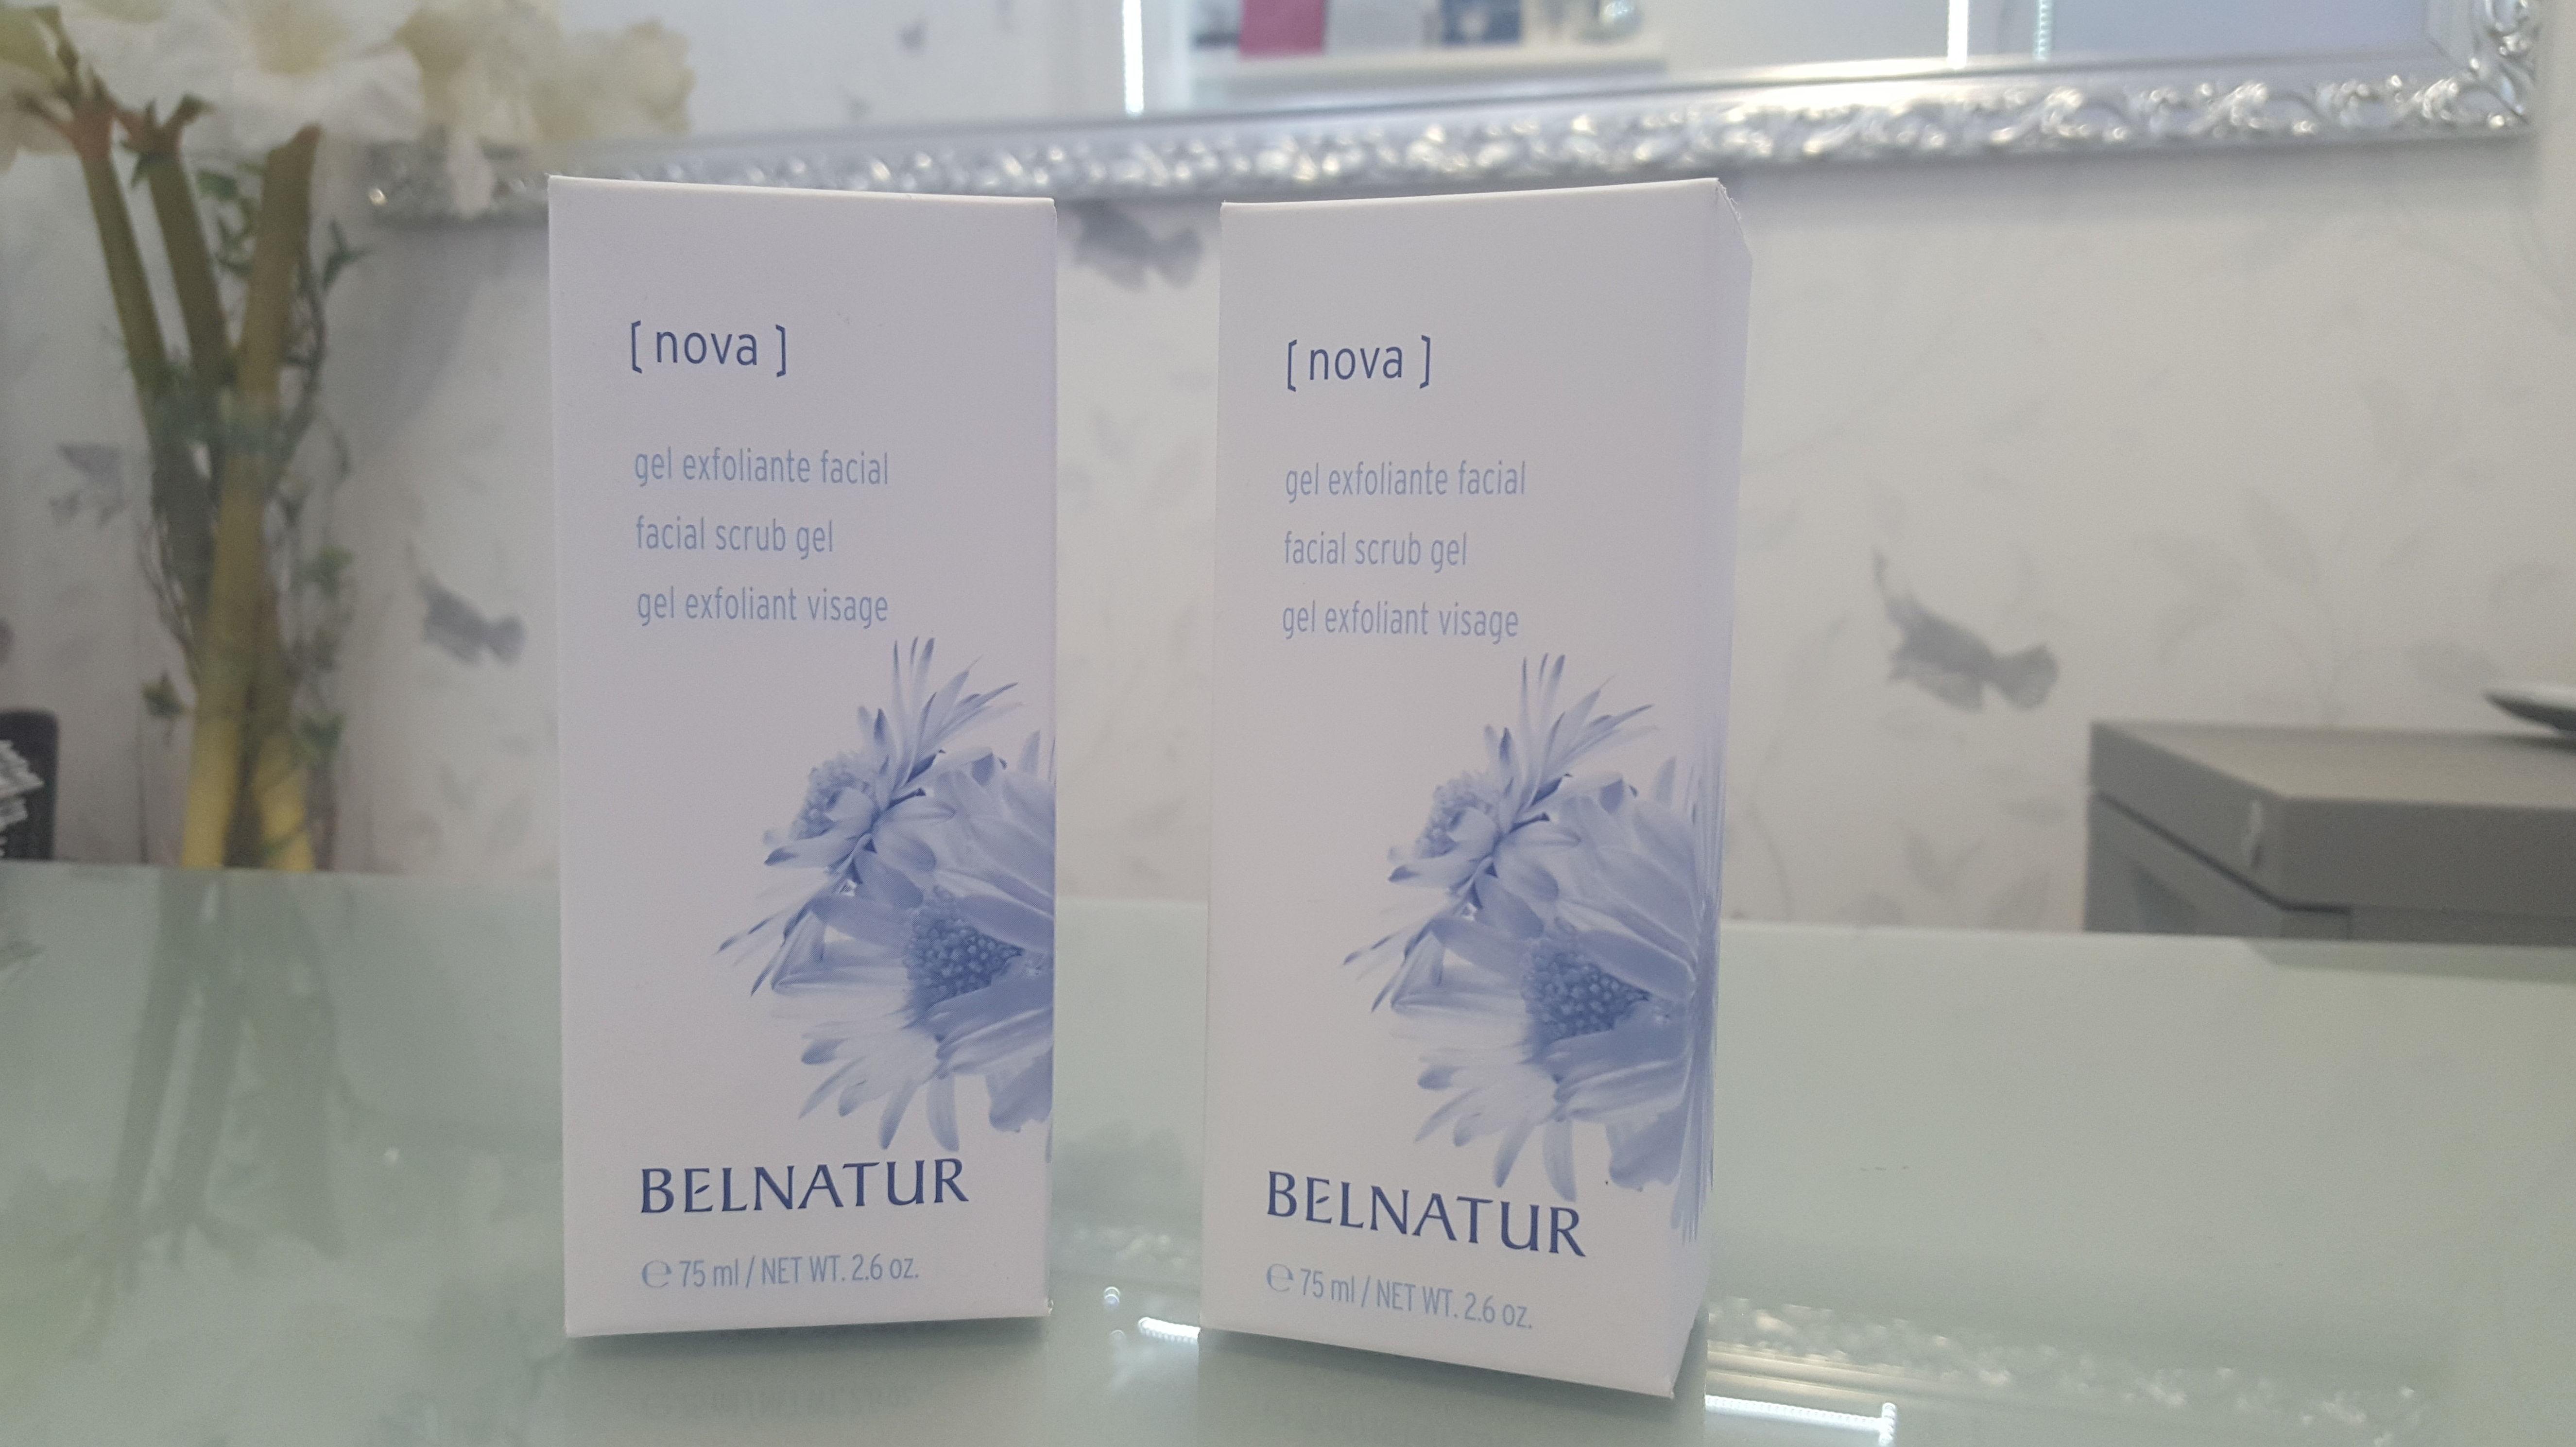 Exfoliante NOVA de BELNATUR